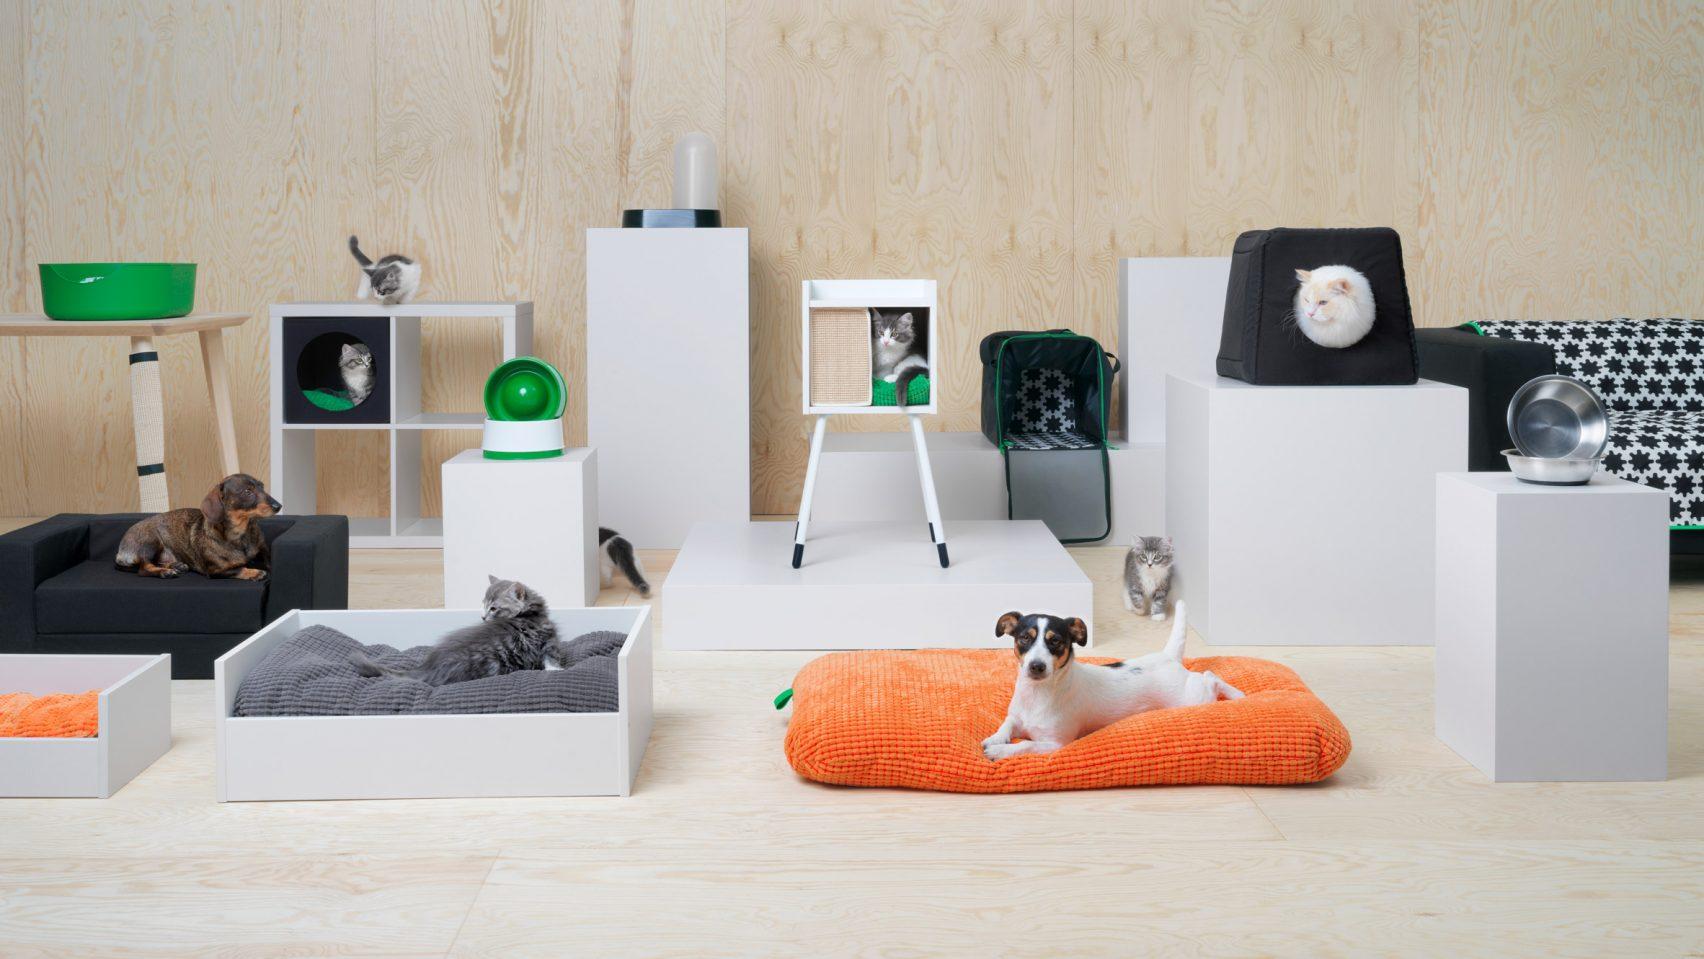 Har du ny IKEA-soffa? Det vete katten